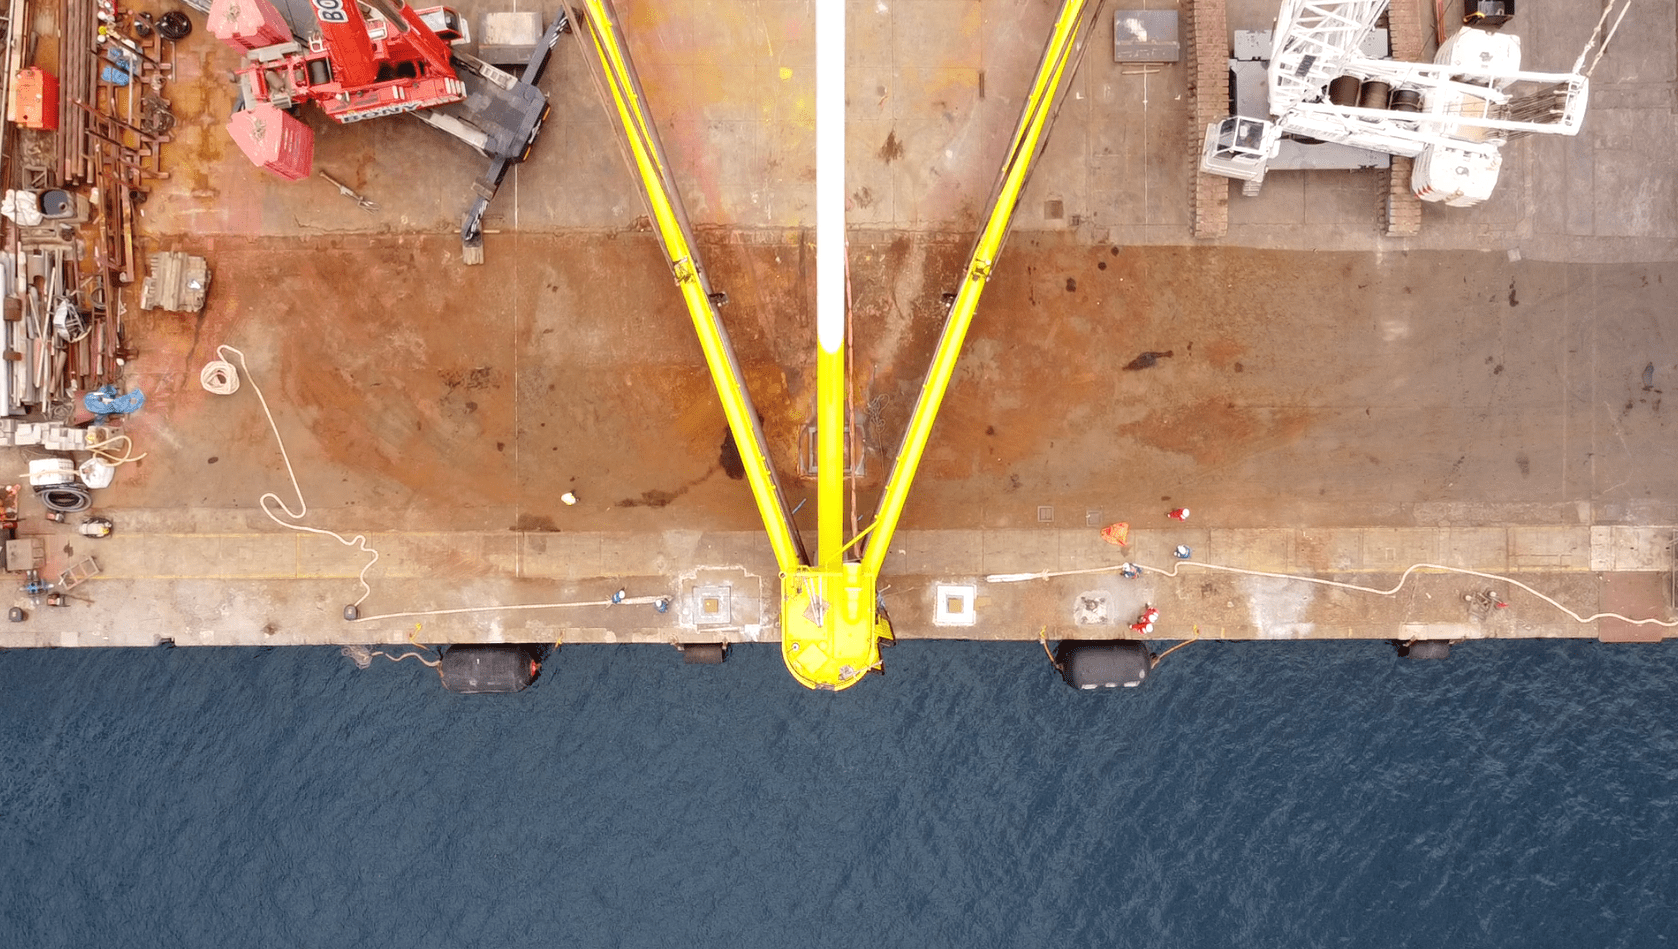 Load Out at Hidramar Shipyards